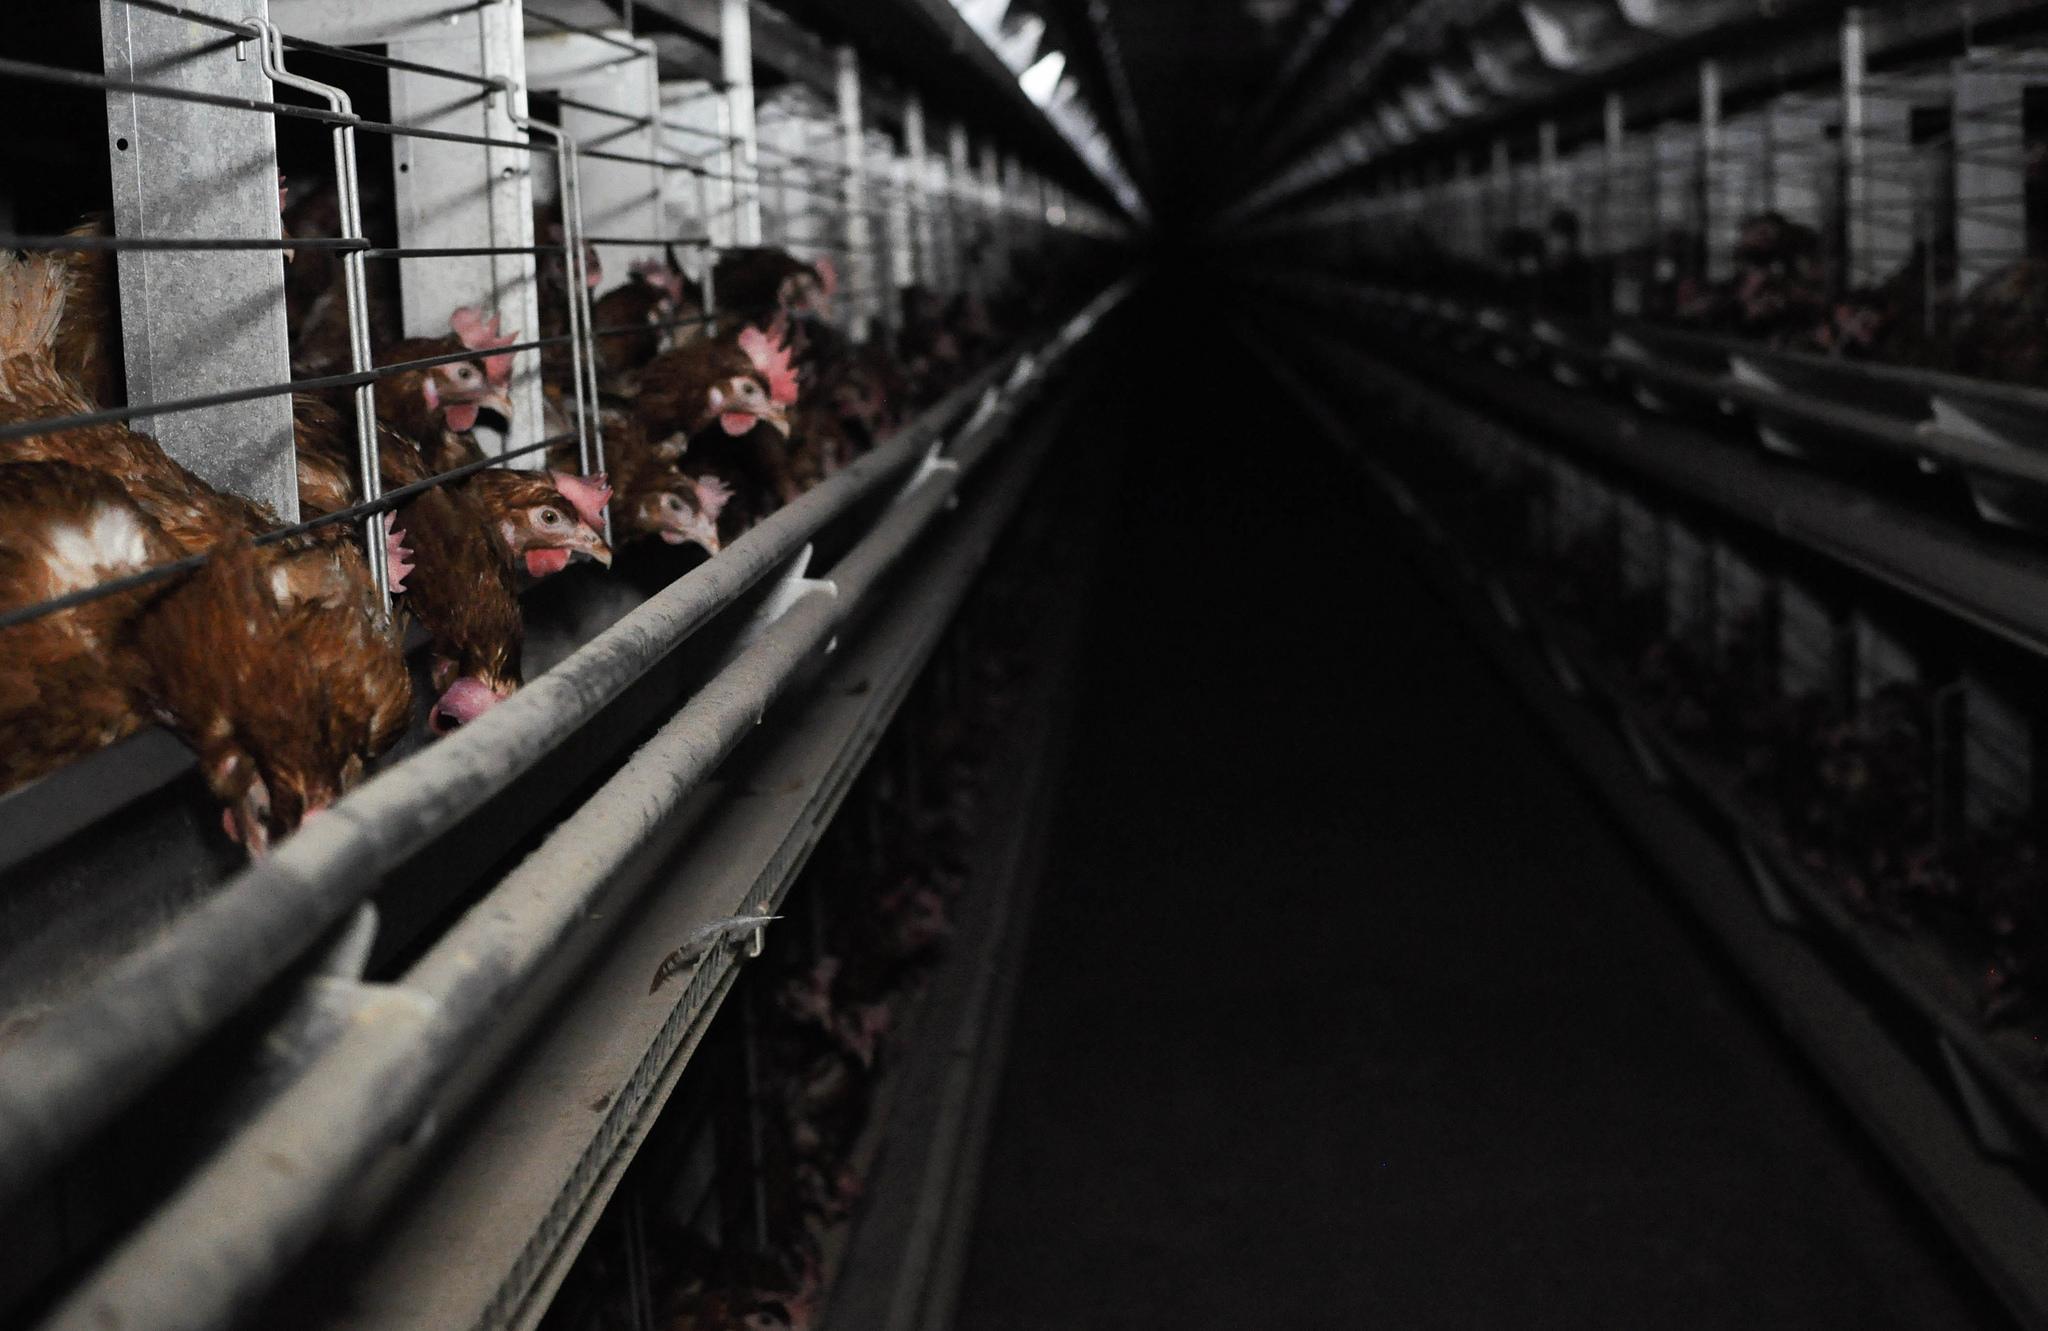 Väčšina slovenských vajec pochádza od sliepok chovaných v klietkach. Nová kampaň sa to snaží zmeniť